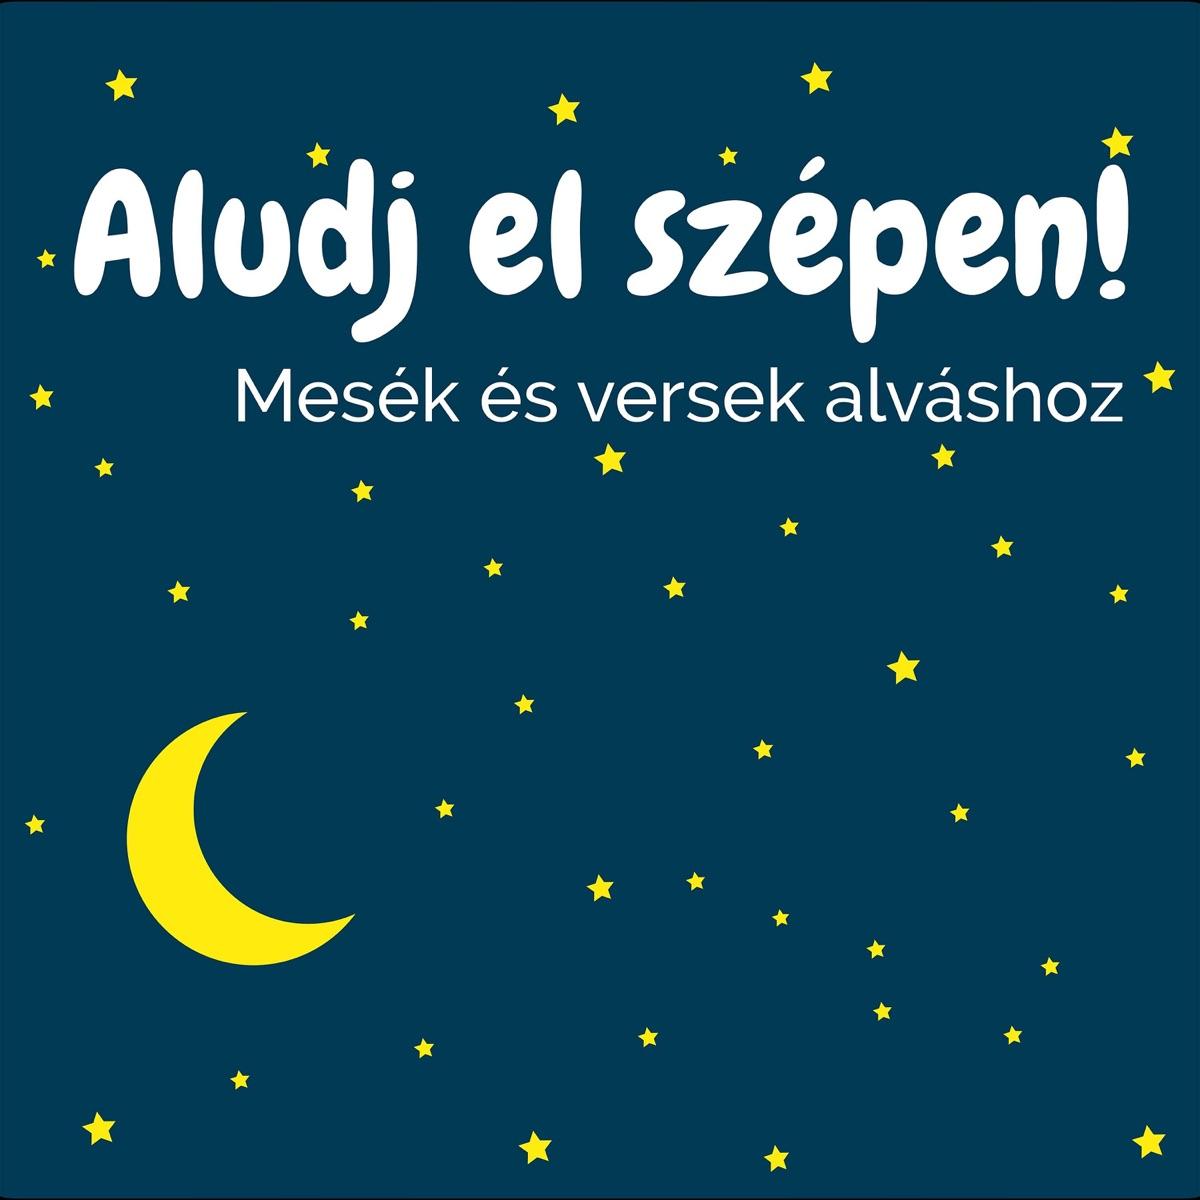 Aludj el szépen!